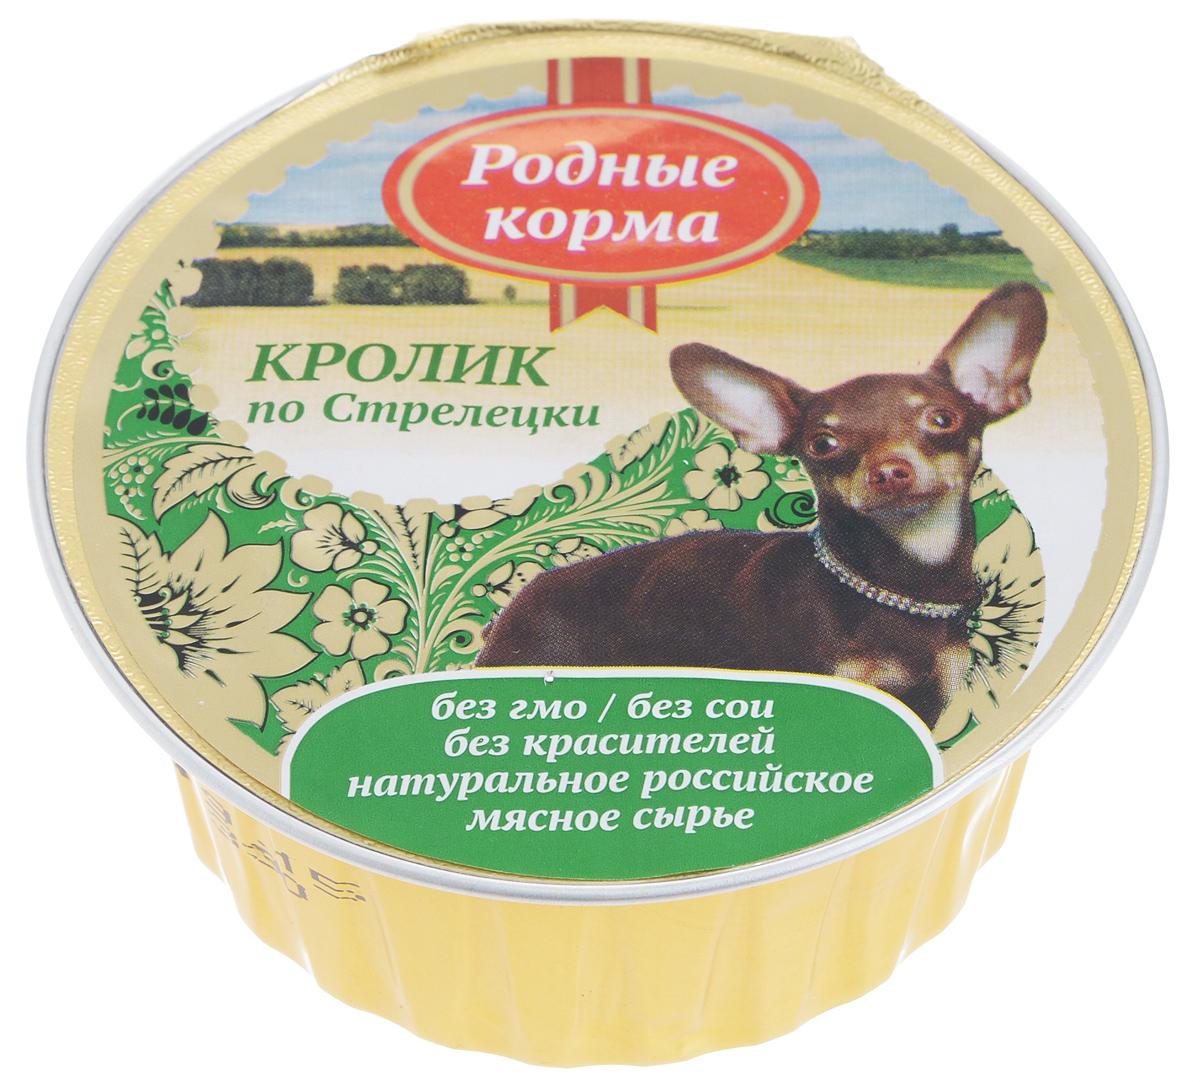 Консервы для собак Родные корма Кролик по-стрелецки, 125 г60238В рацион домашнего любимца нужно обязательно включать консервированный корм, ведь его главные достоинства - высокая калорийность и питательная ценность. Консервы лучше усваиваются, чем сухие корма. Также важно, что животные, имеющие в рационе консервированный корм, получают больше влаги. Полнорационный консервированный корм Родные корма Кролик по-стрелецки идеально подойдет вашему любимцу. Консервы приготовлены из натурального российского мяса.Не содержат сои, консервантов, красителей, ароматизаторов и генномодифицированных продуктов.Состав: мясо кролика, мясопродукты, натуральная желирующая добавка, злаки (не более 2%), растительное масло, соль, вода. Пищевая ценность в 100 г: 8% протеин, 6% жир, 0,2% клетчатка, 2% зола, 4% углеводы, влага - до 80%. Энергетическая ценность: 102 кКал. Вес: 125 г.Товар сертифицирован.